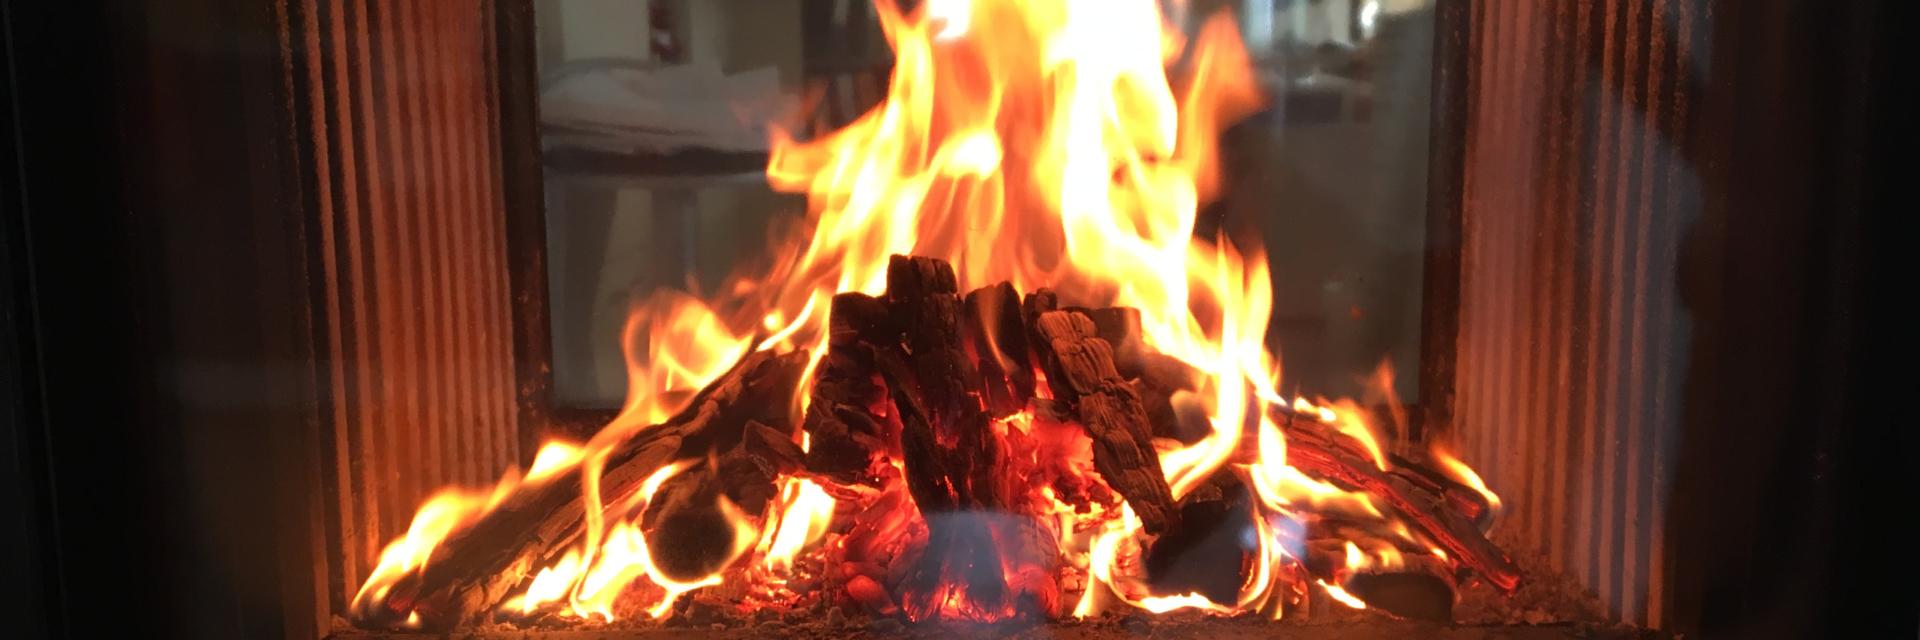 Bögner Ofenbau Ortenau - Kaminfeuer